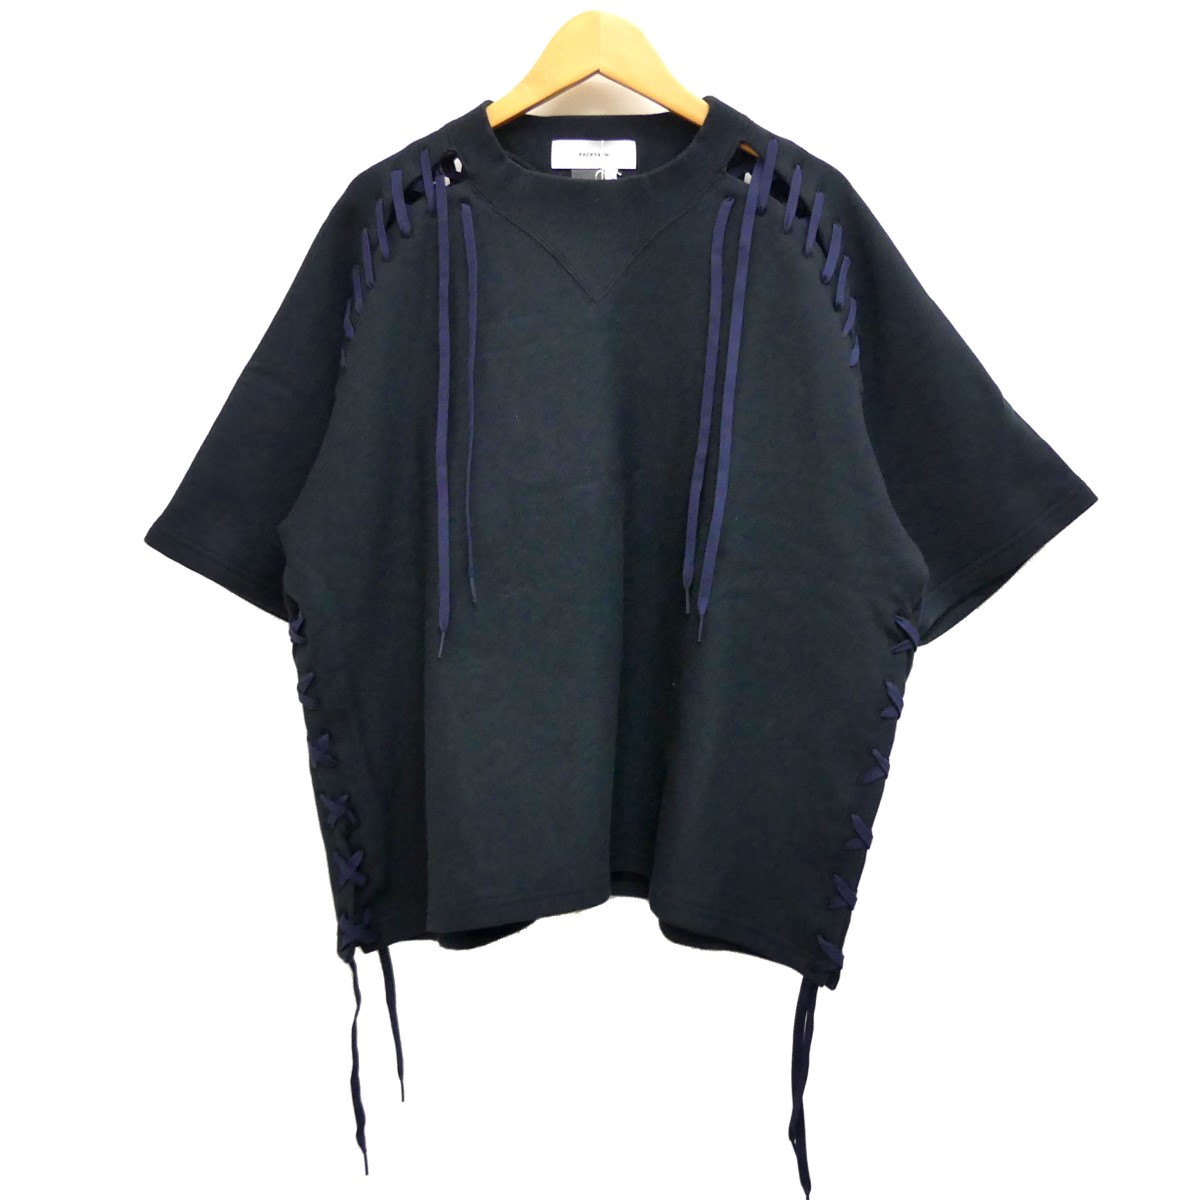 【中古】FACETASM TIED UP SHORT SLEEVE SWEAT SHIRT 半袖スウェット ブラック サイズ:5 【270420】(ファセッタズム)